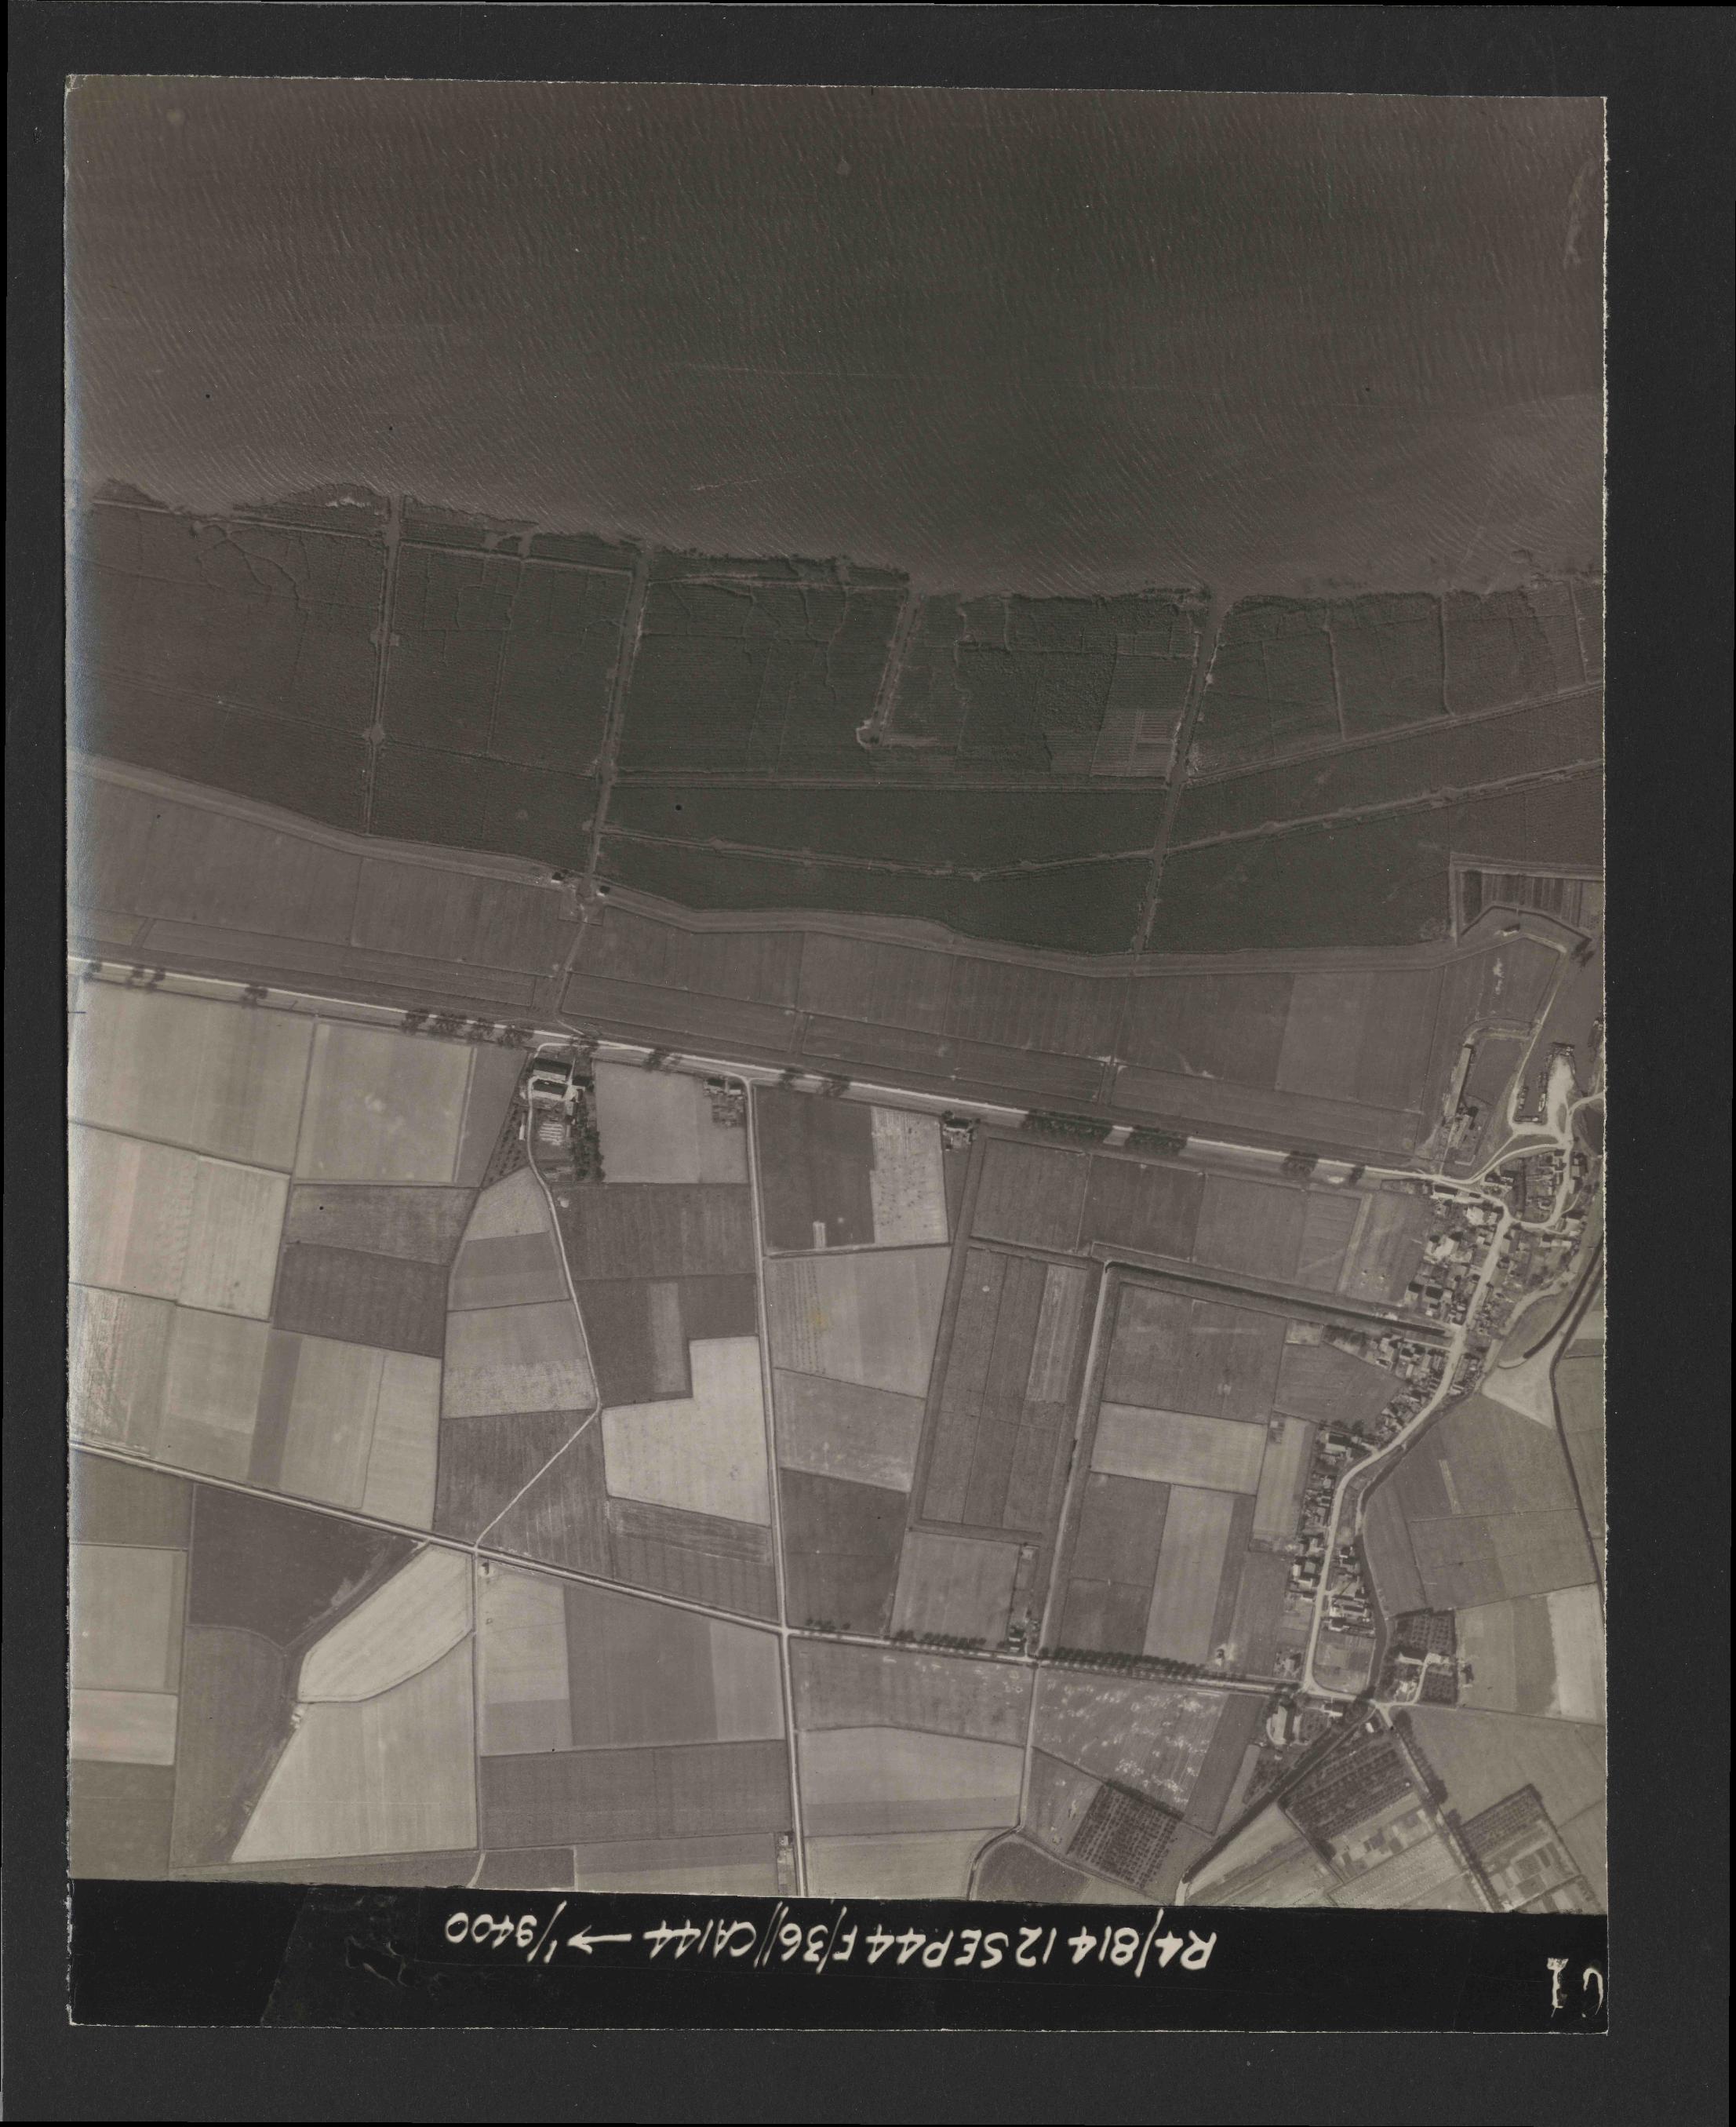 Collection RAF aerial photos 1940-1945 - flight 333, run 01, photo 3061